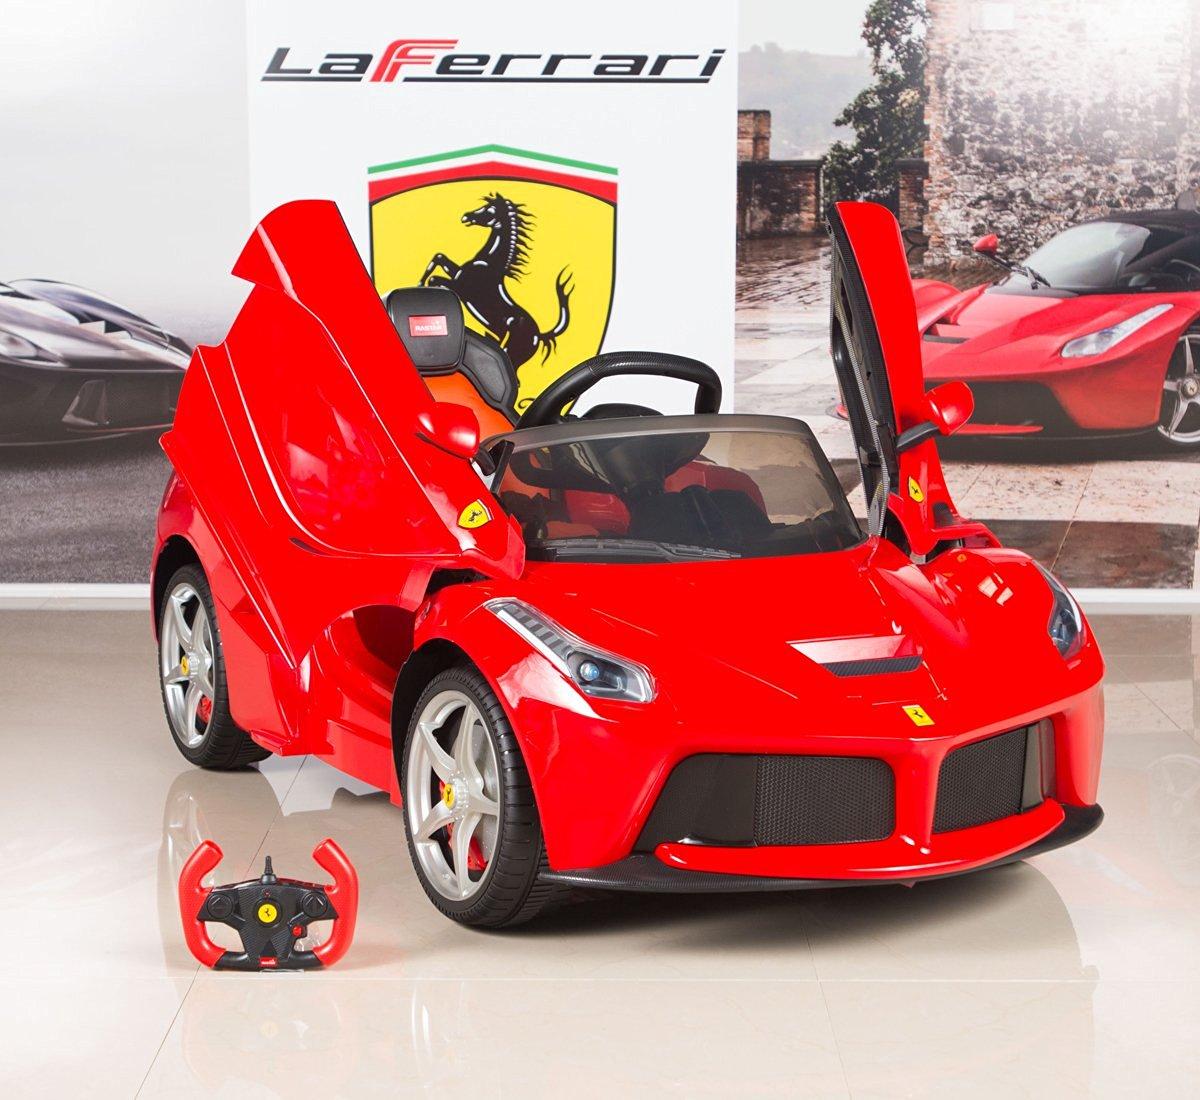 Ferrari Electric Ride On Car